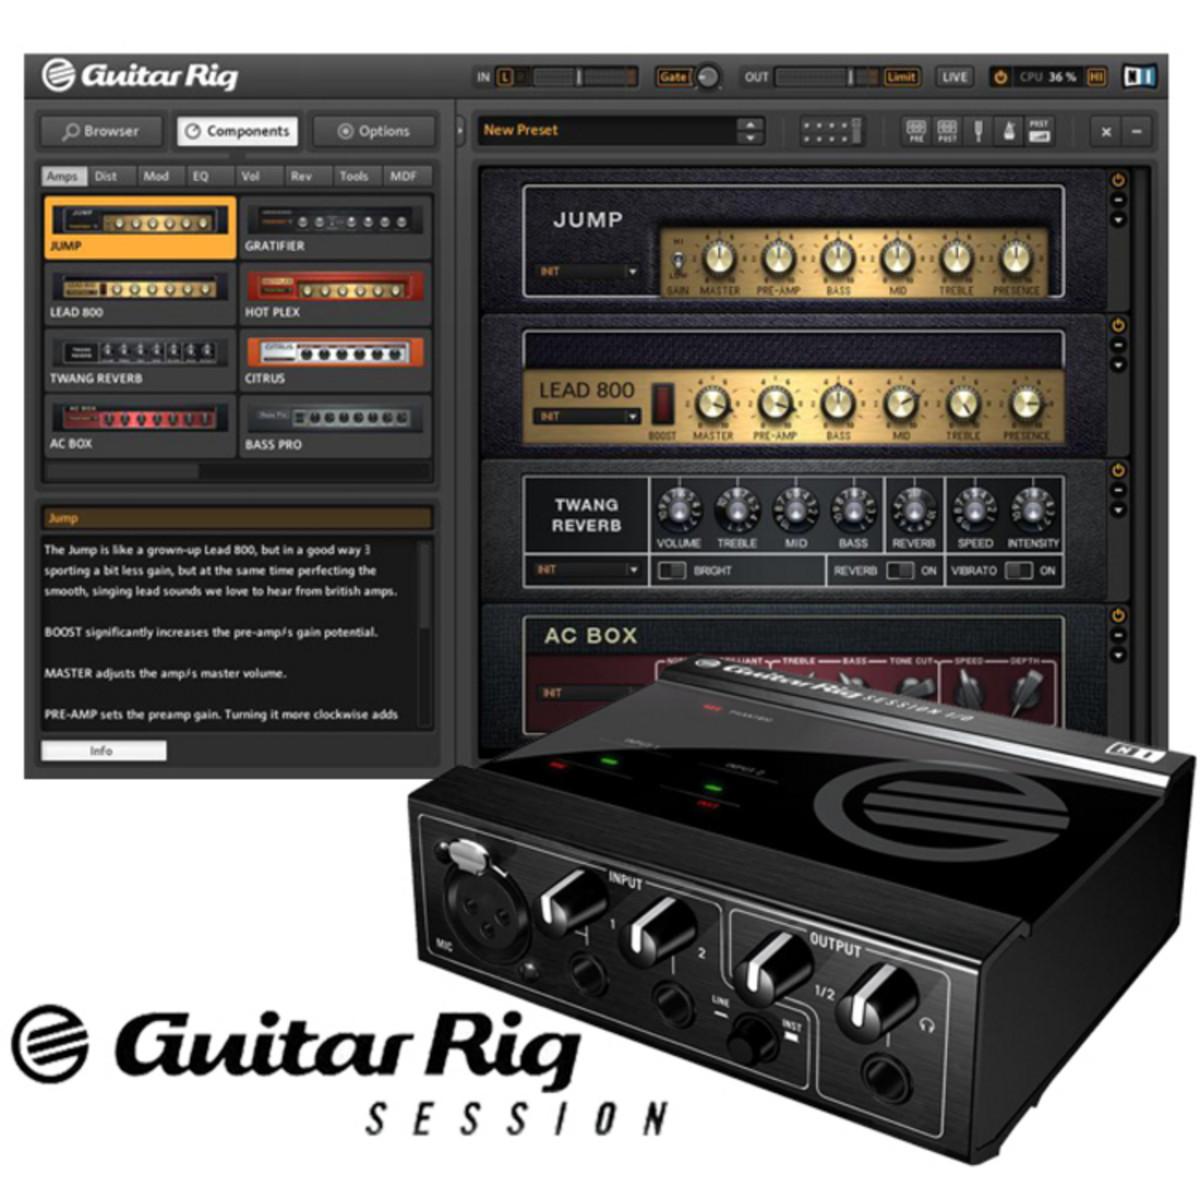 ... la sesión de Rig de Guitarra de Native Instruments en Gear4Music.com